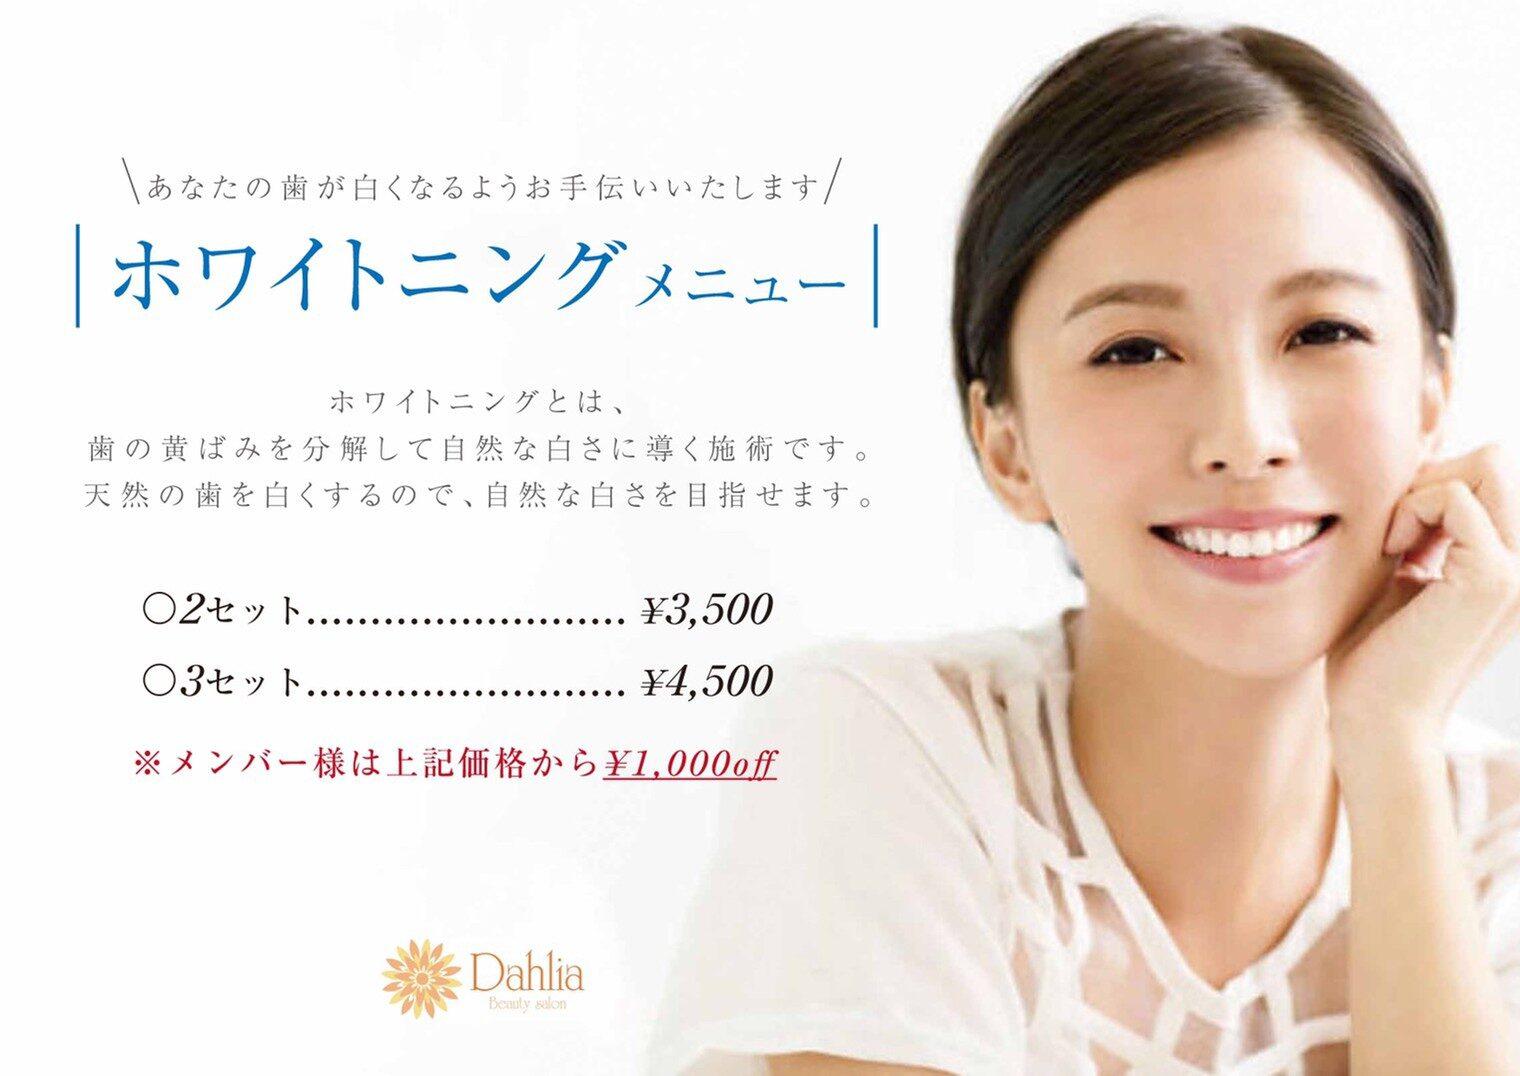 ホワイトニング \あなたの歯が白くなるようお手伝いします/ ホワイトニングとは、歯の黄ばみを分解して自然な白さに導く施術です。 天然の歯を白くするので、自然な白さを目指せます。 2セット: ¥3,500 3セット: ¥4,500 *メンバー様は上記価格から¥1,000off